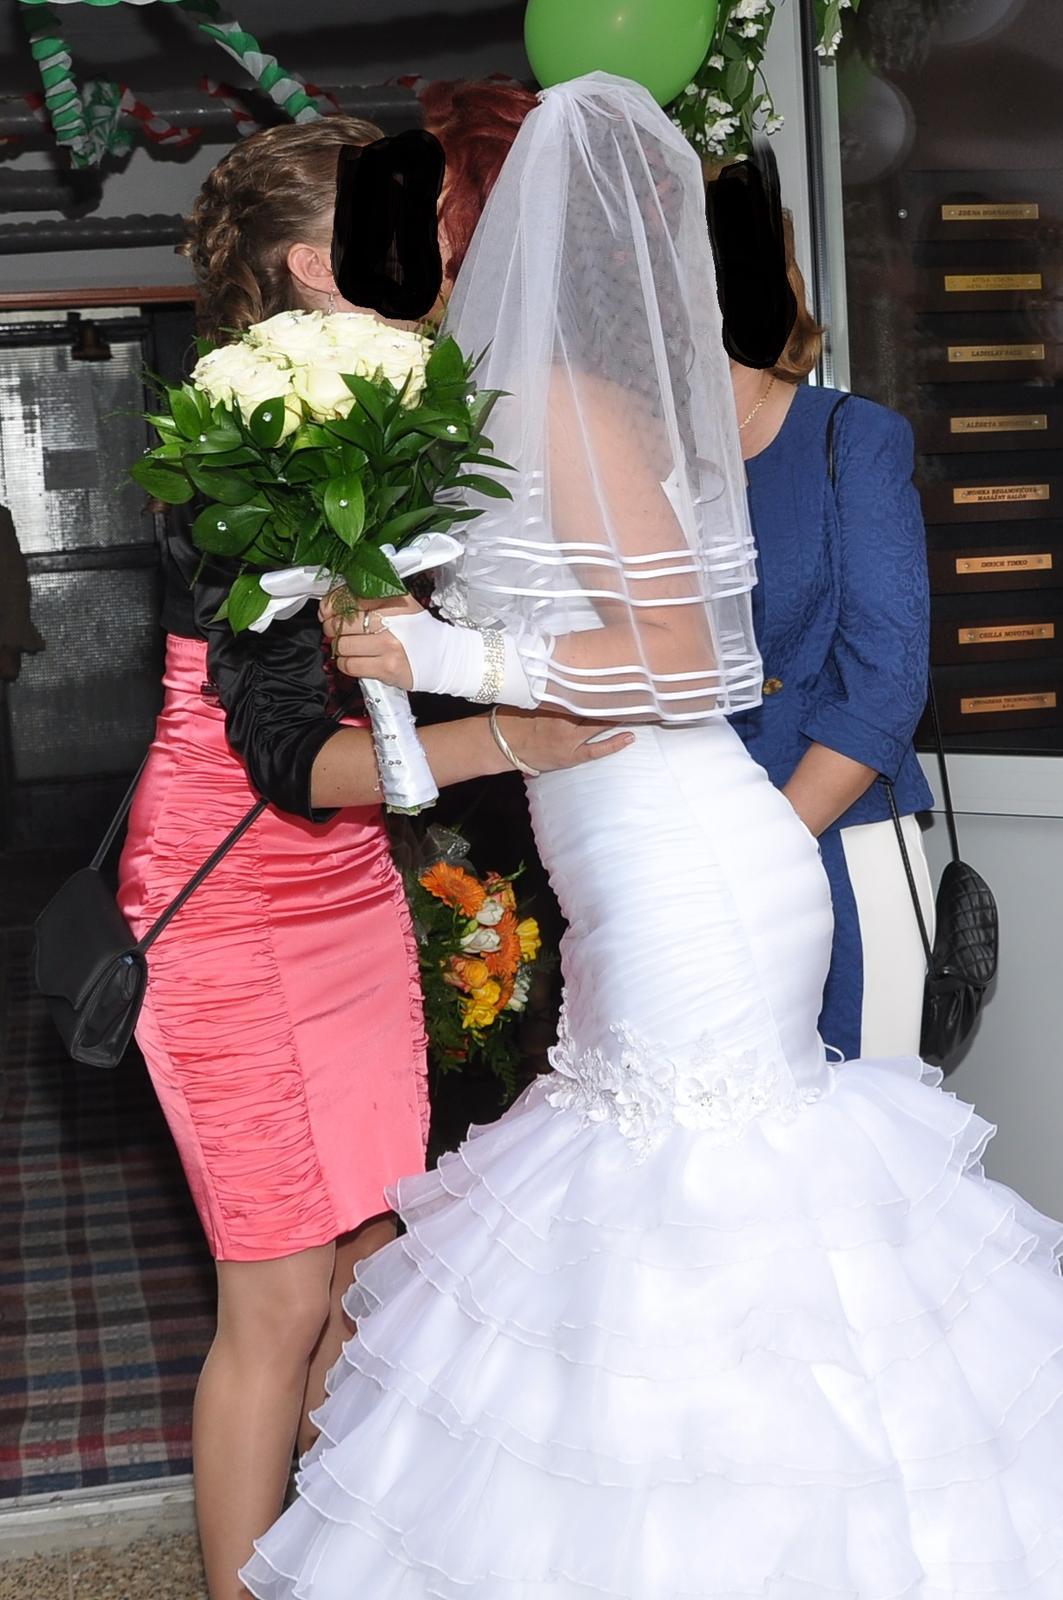 Biele svadobné šaty - Obrázok č. 4